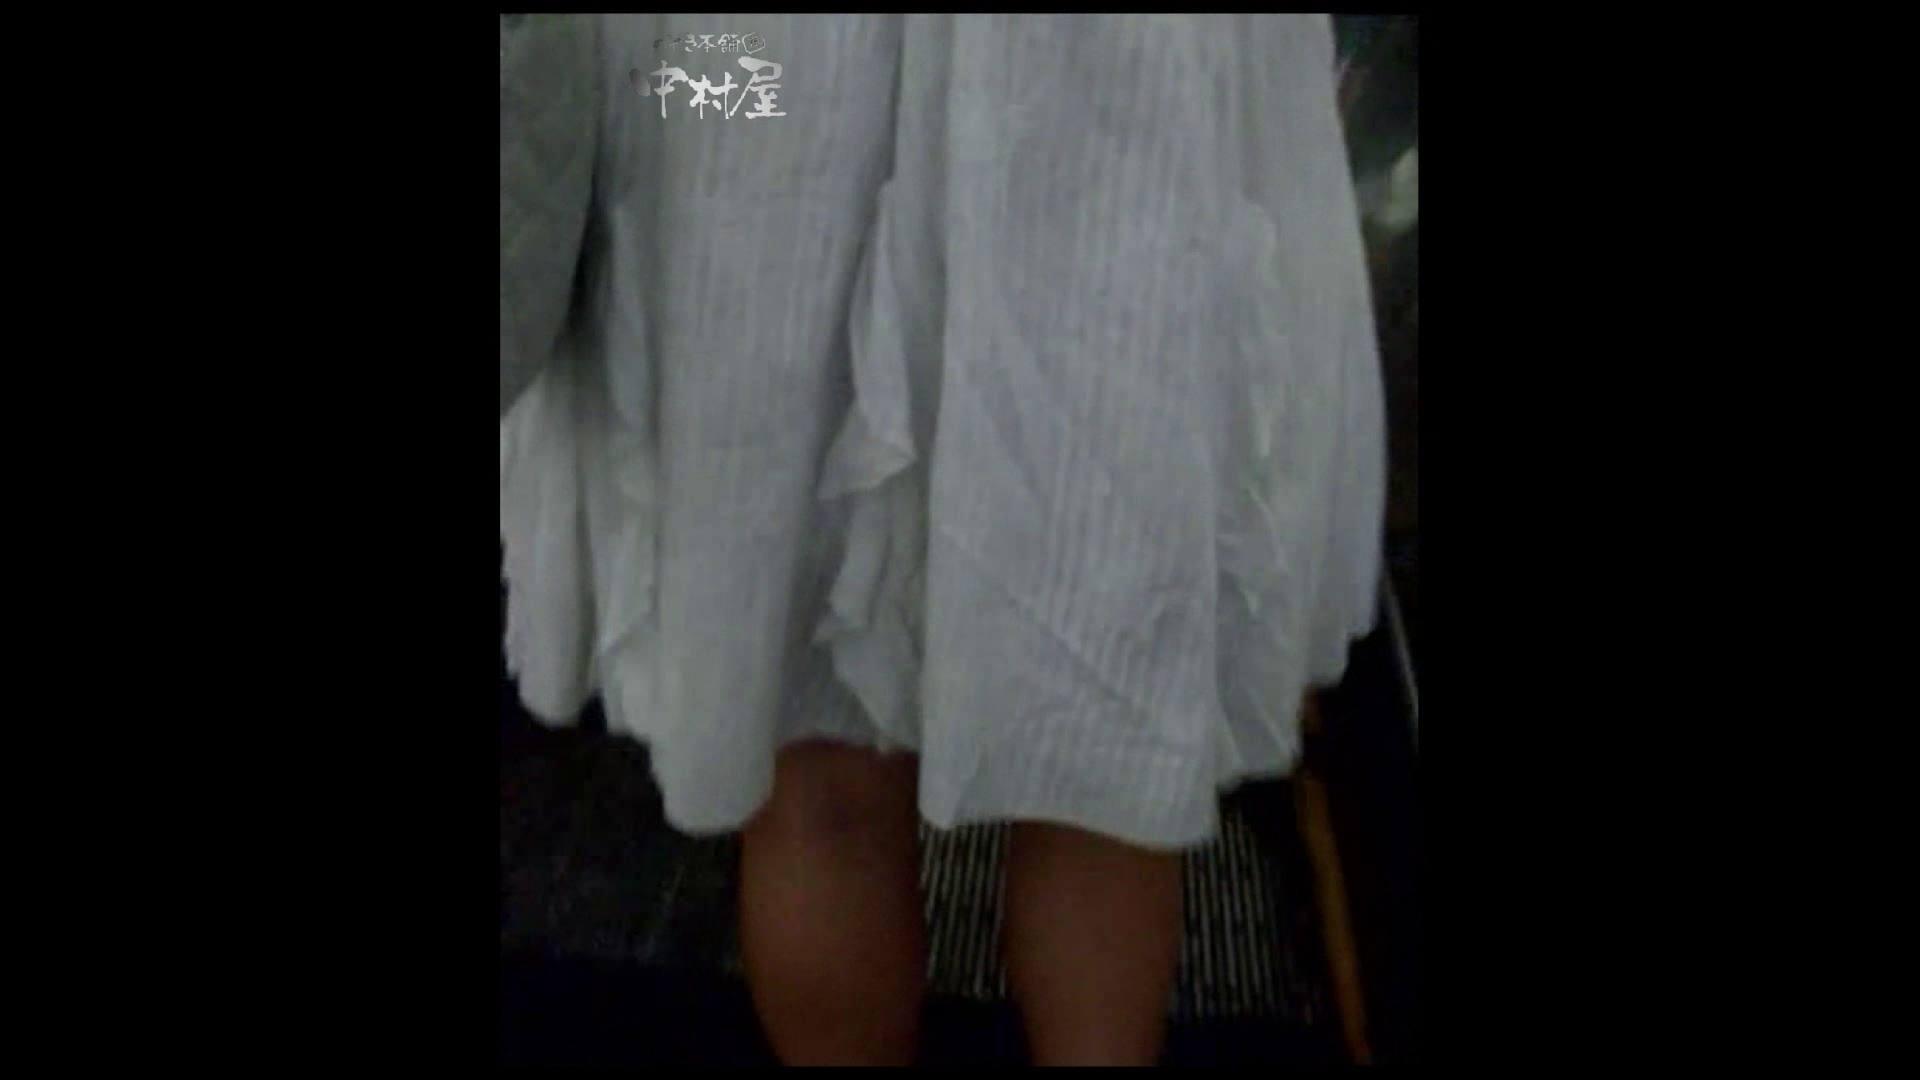 綺麗なモデルさんのスカート捲っちゃおう‼ vol30 お姉さん丸裸  96pic 90